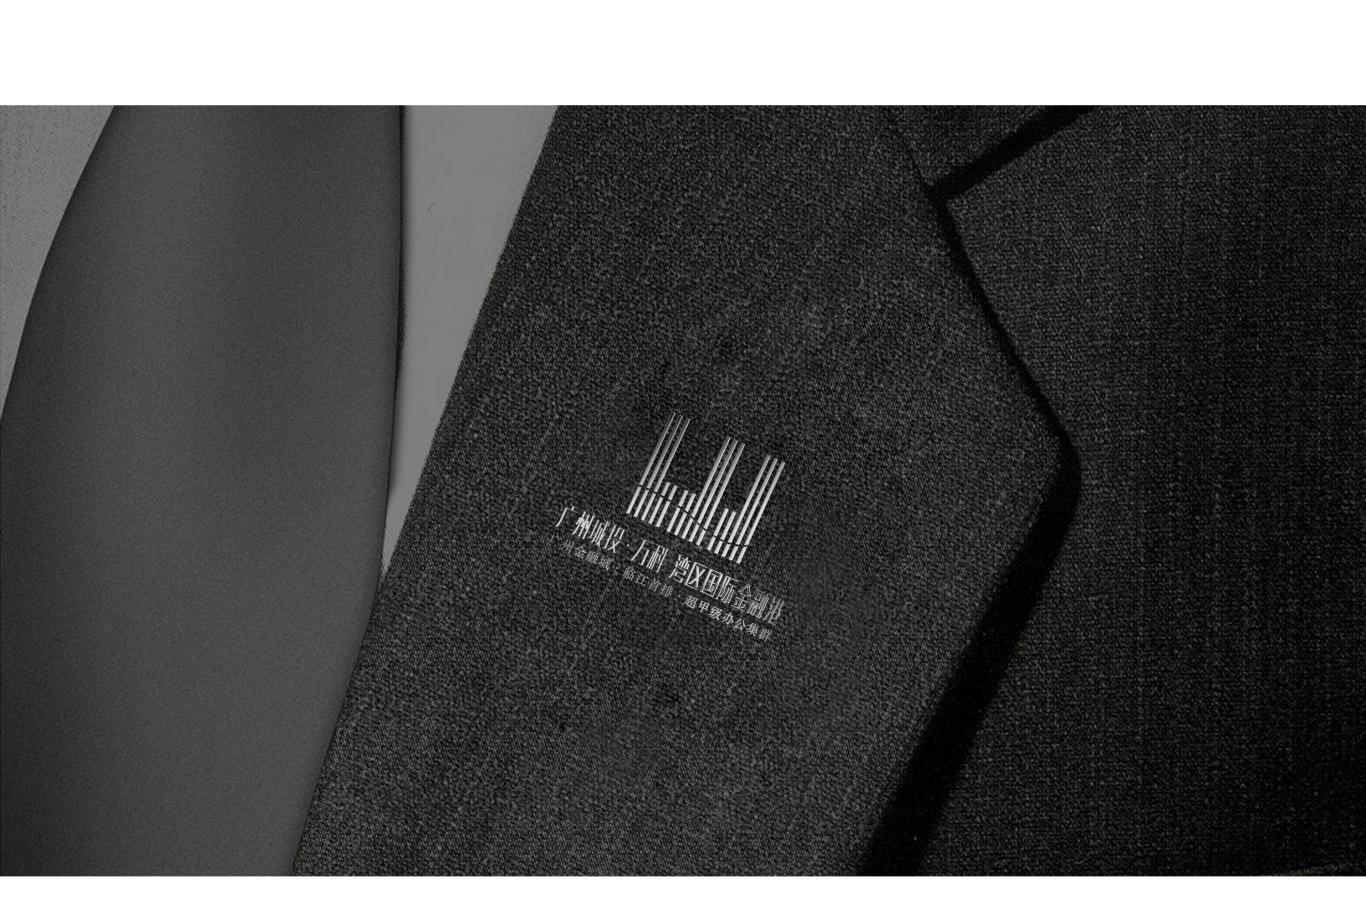 广州城投·万科 湾区国际经融港/品牌包装 VI视觉识别系统设计 地产logo设计图11